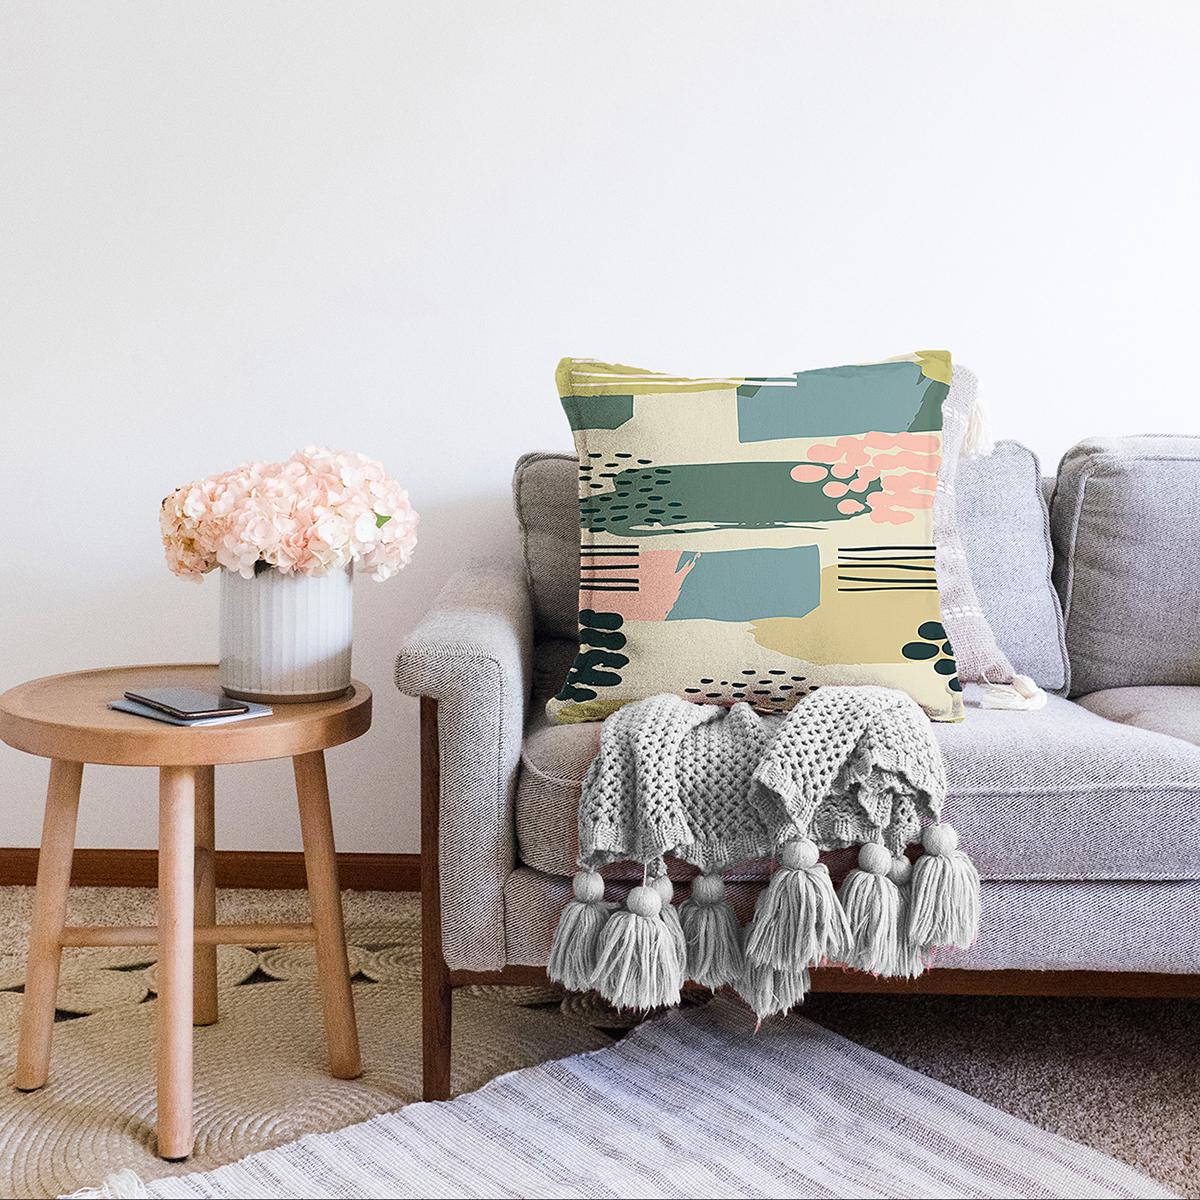 Çift Taraflı Renkli Zemin Üzerinde Soft Çizimli Dijital Baskılı Modern Şönil Yastık Kırlent Kılıfı Realhomes